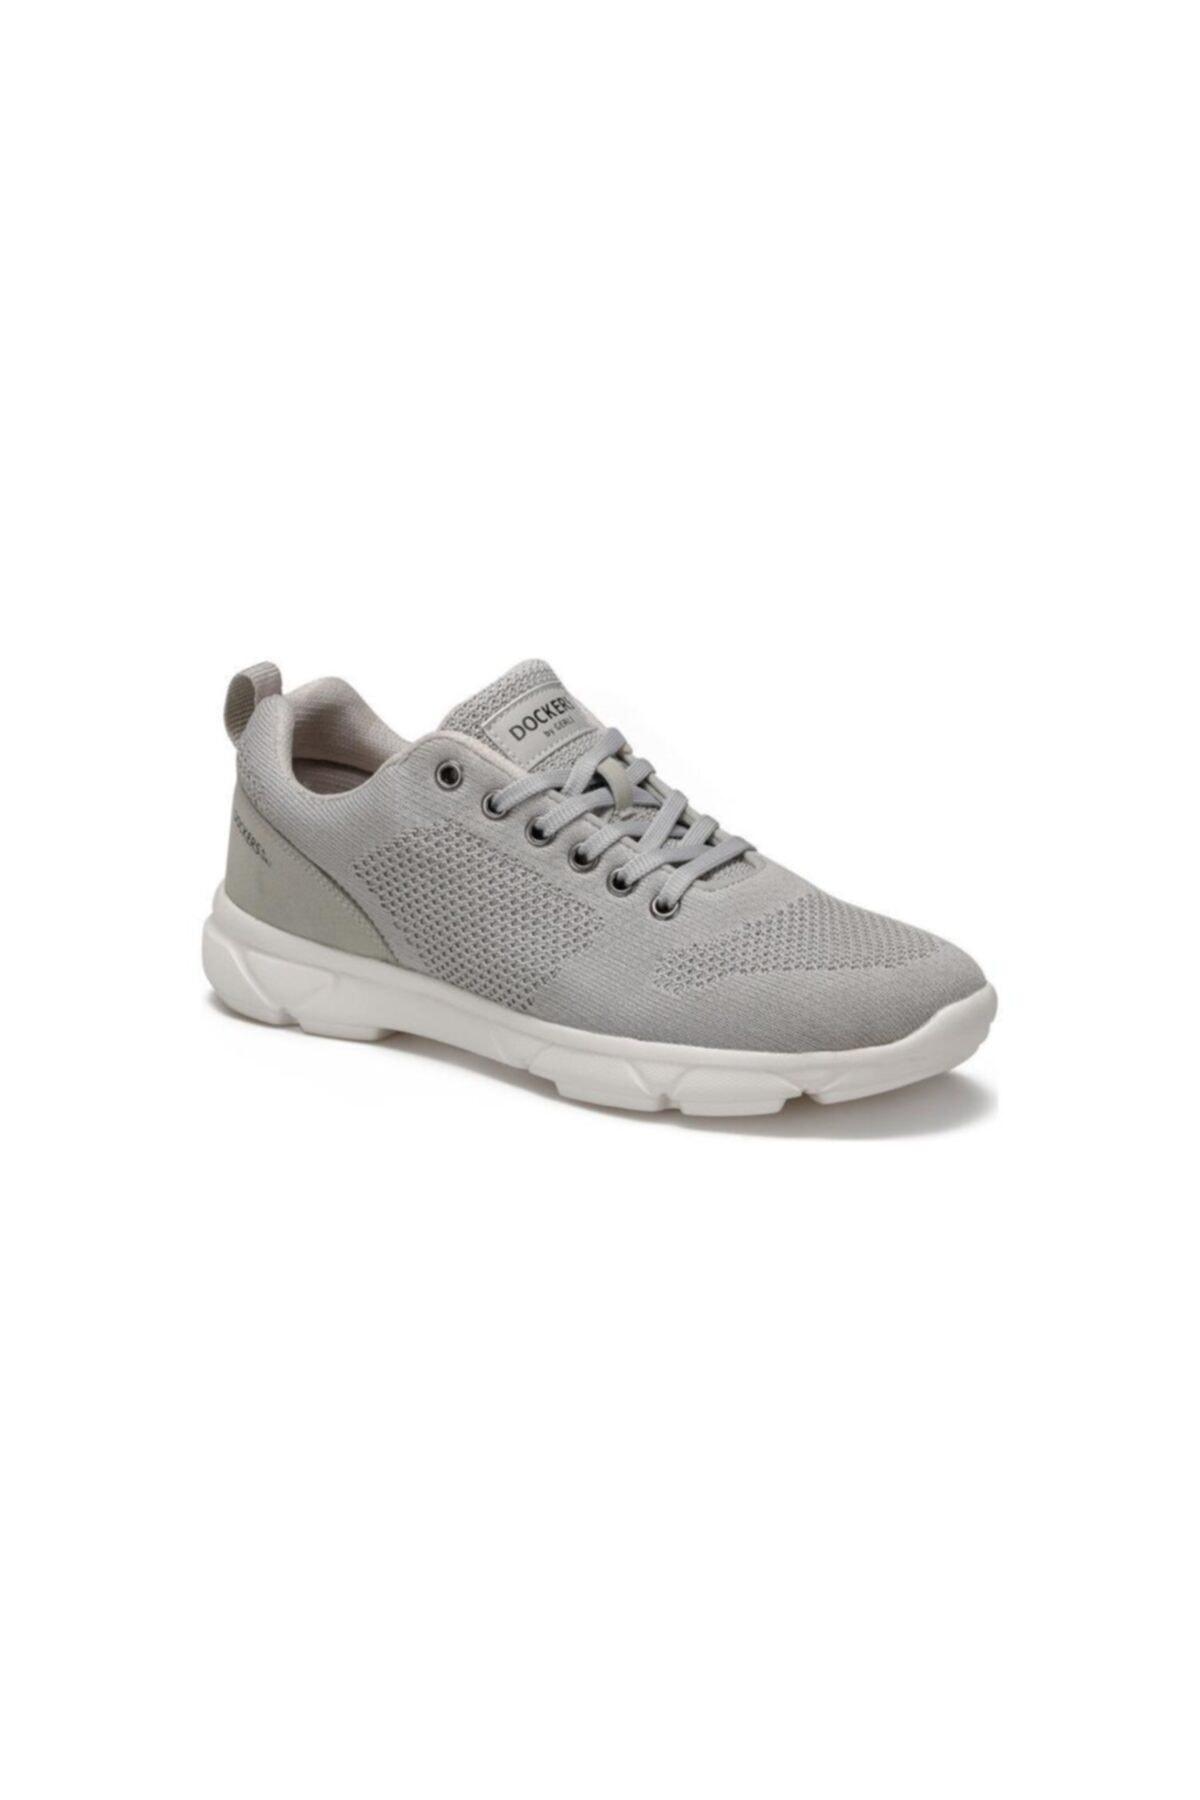 Dockers 226646 Açık Gri Erkek Comfort Ayakkabı 100365536 1